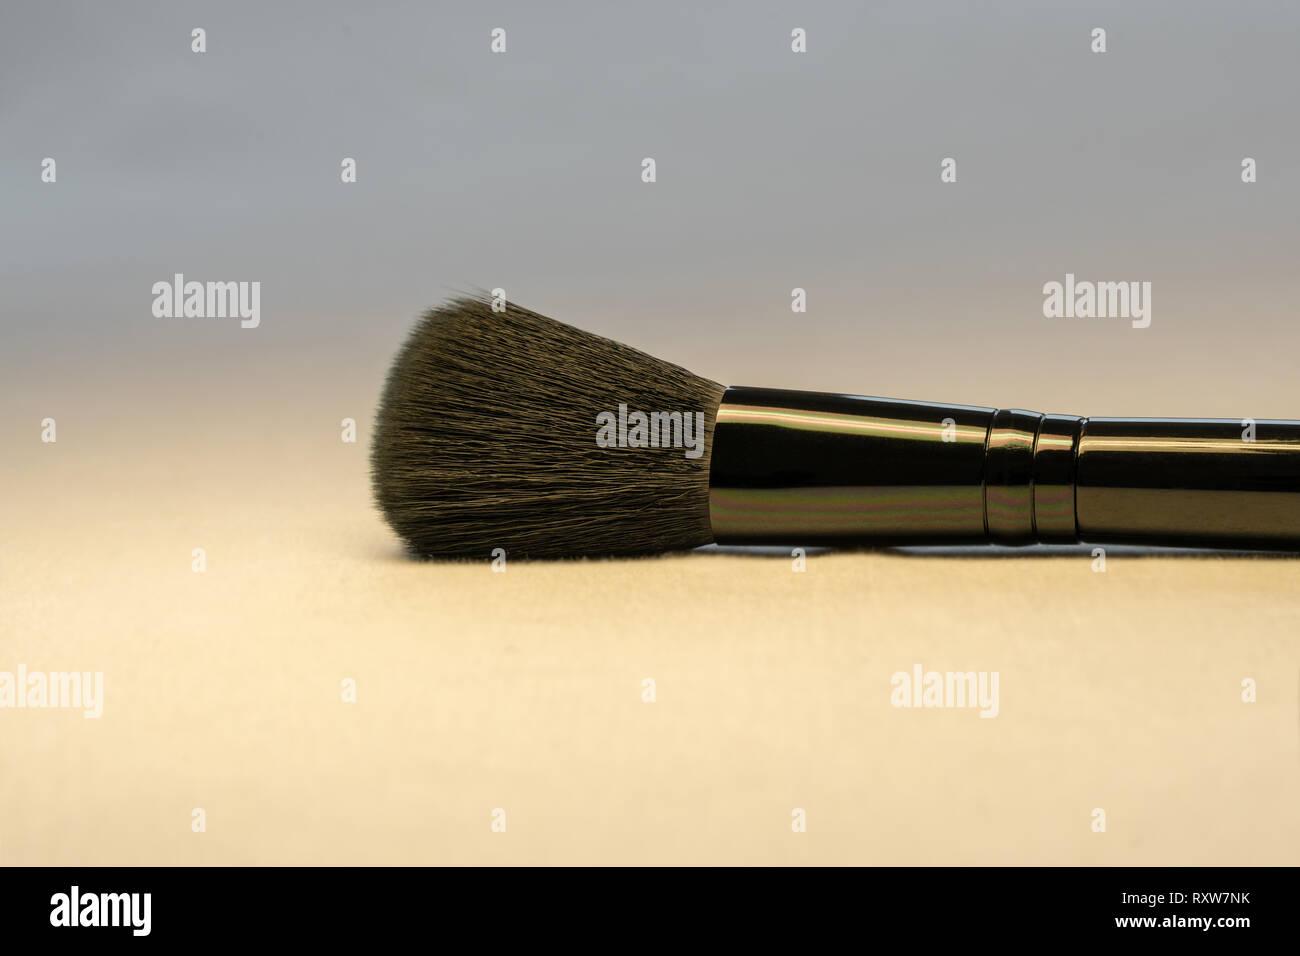 Ein schwarzes Make-up Teint Pinsel auf hellen Hintergrund, schließen Sie das Bild. Schönheit und Hautpflege Konzept. Stockbild